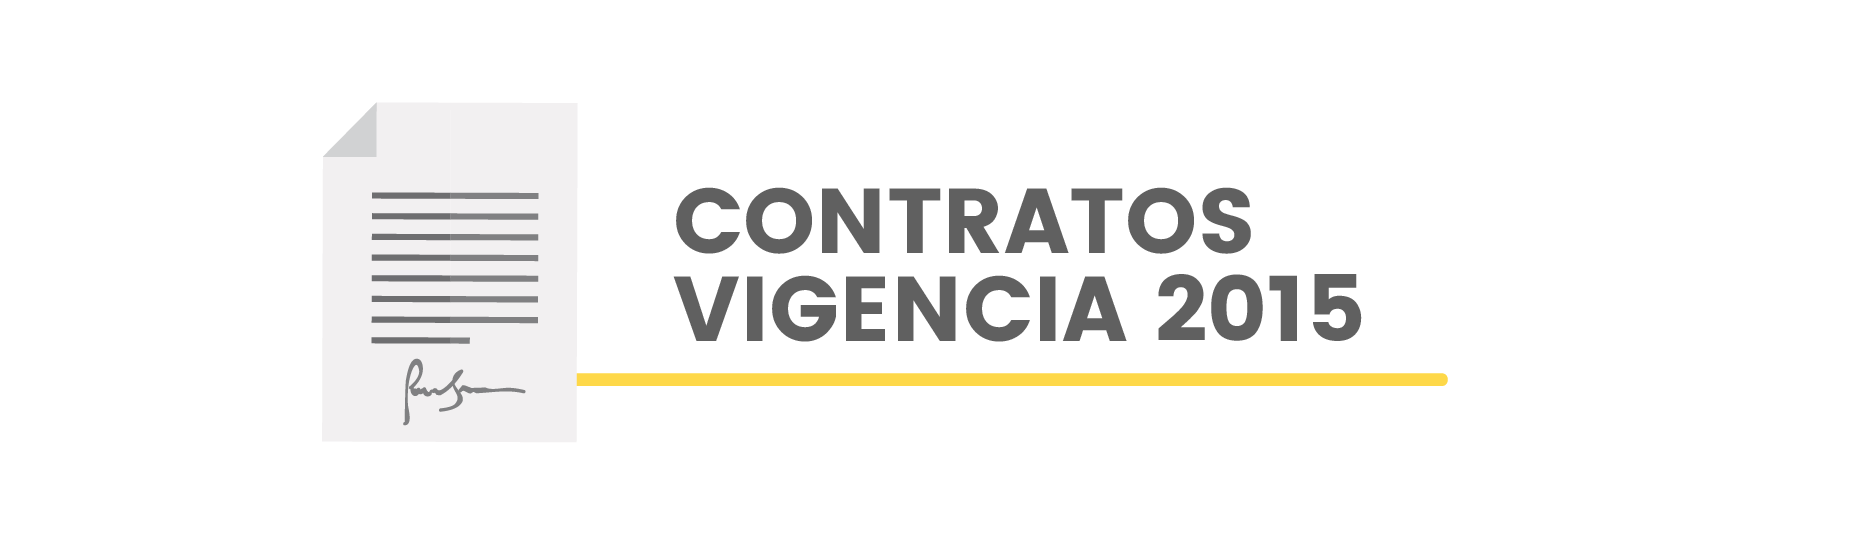 Contratos Vigencia 2015